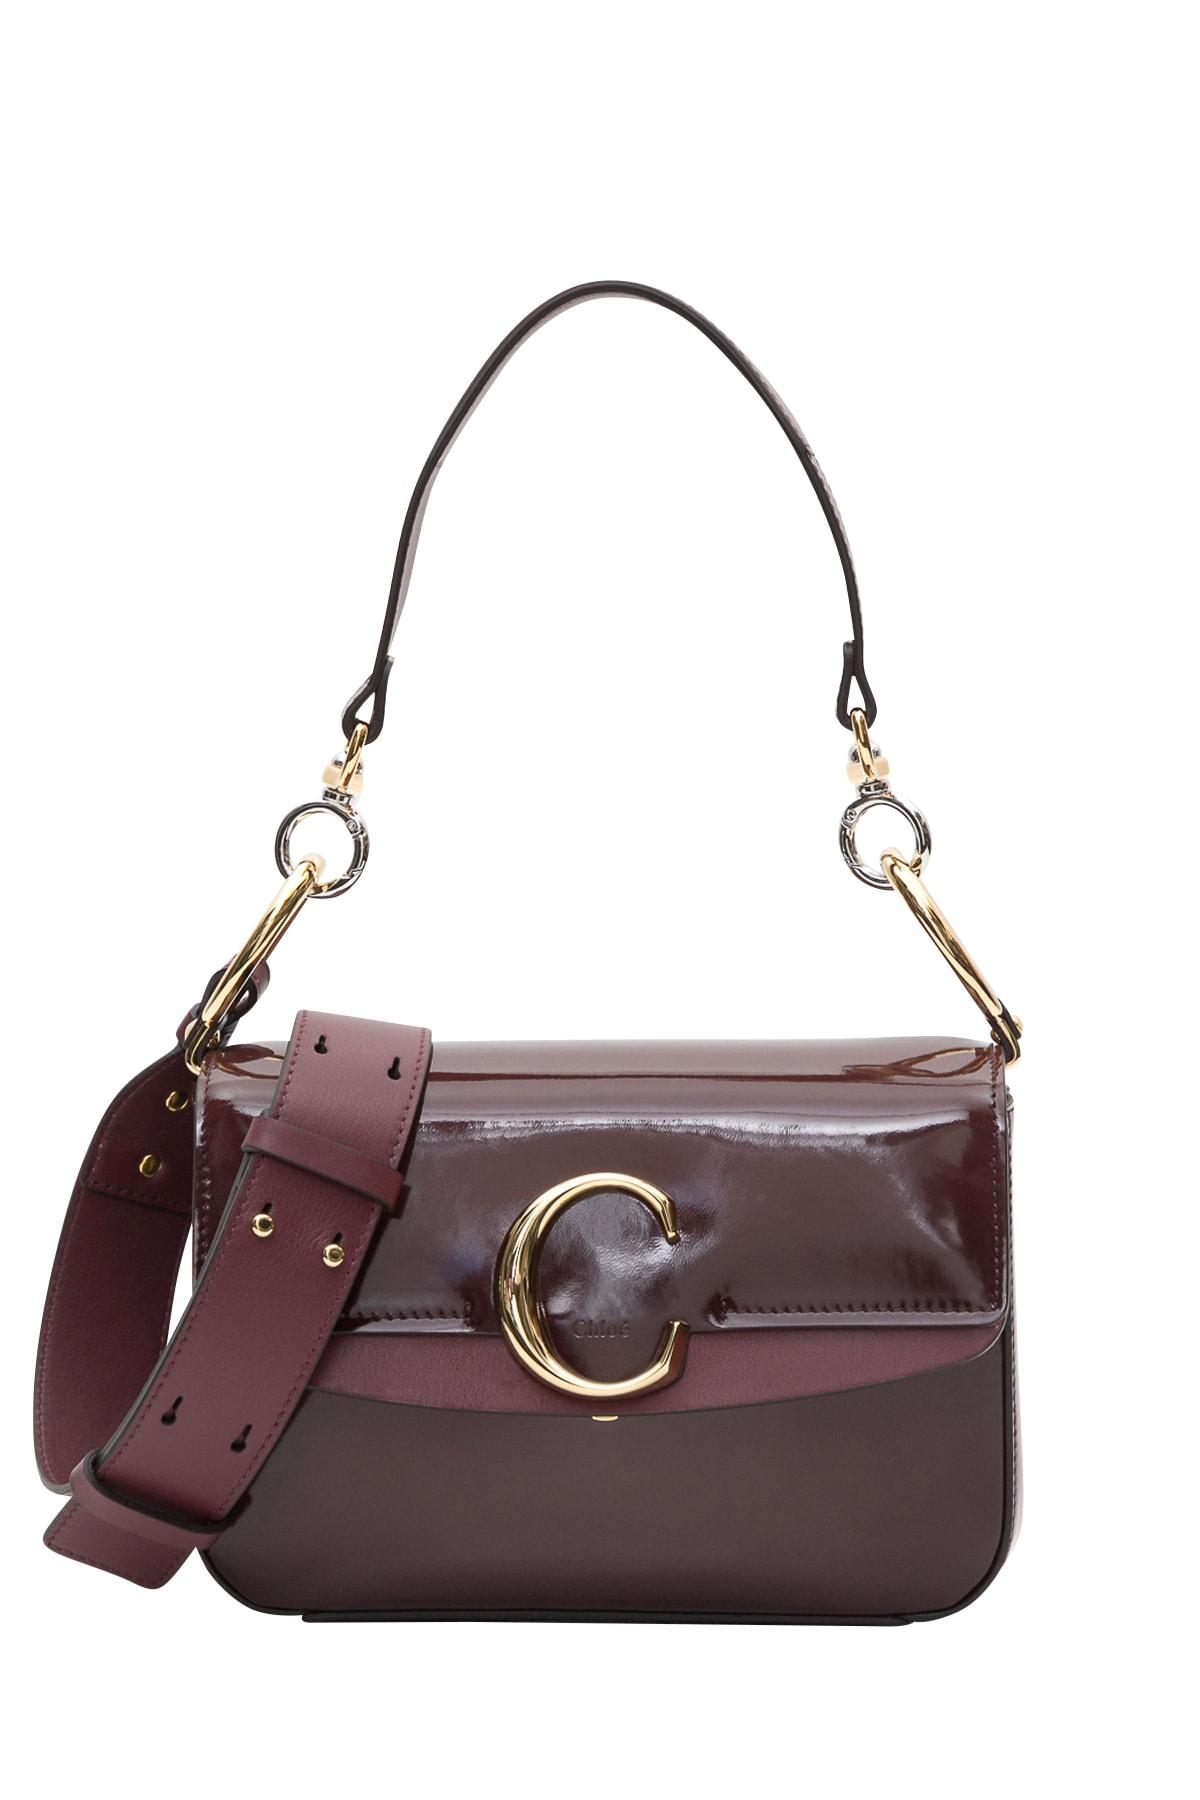 63c3d7dd30 Chloé Small Chloé C Double Carry Bag